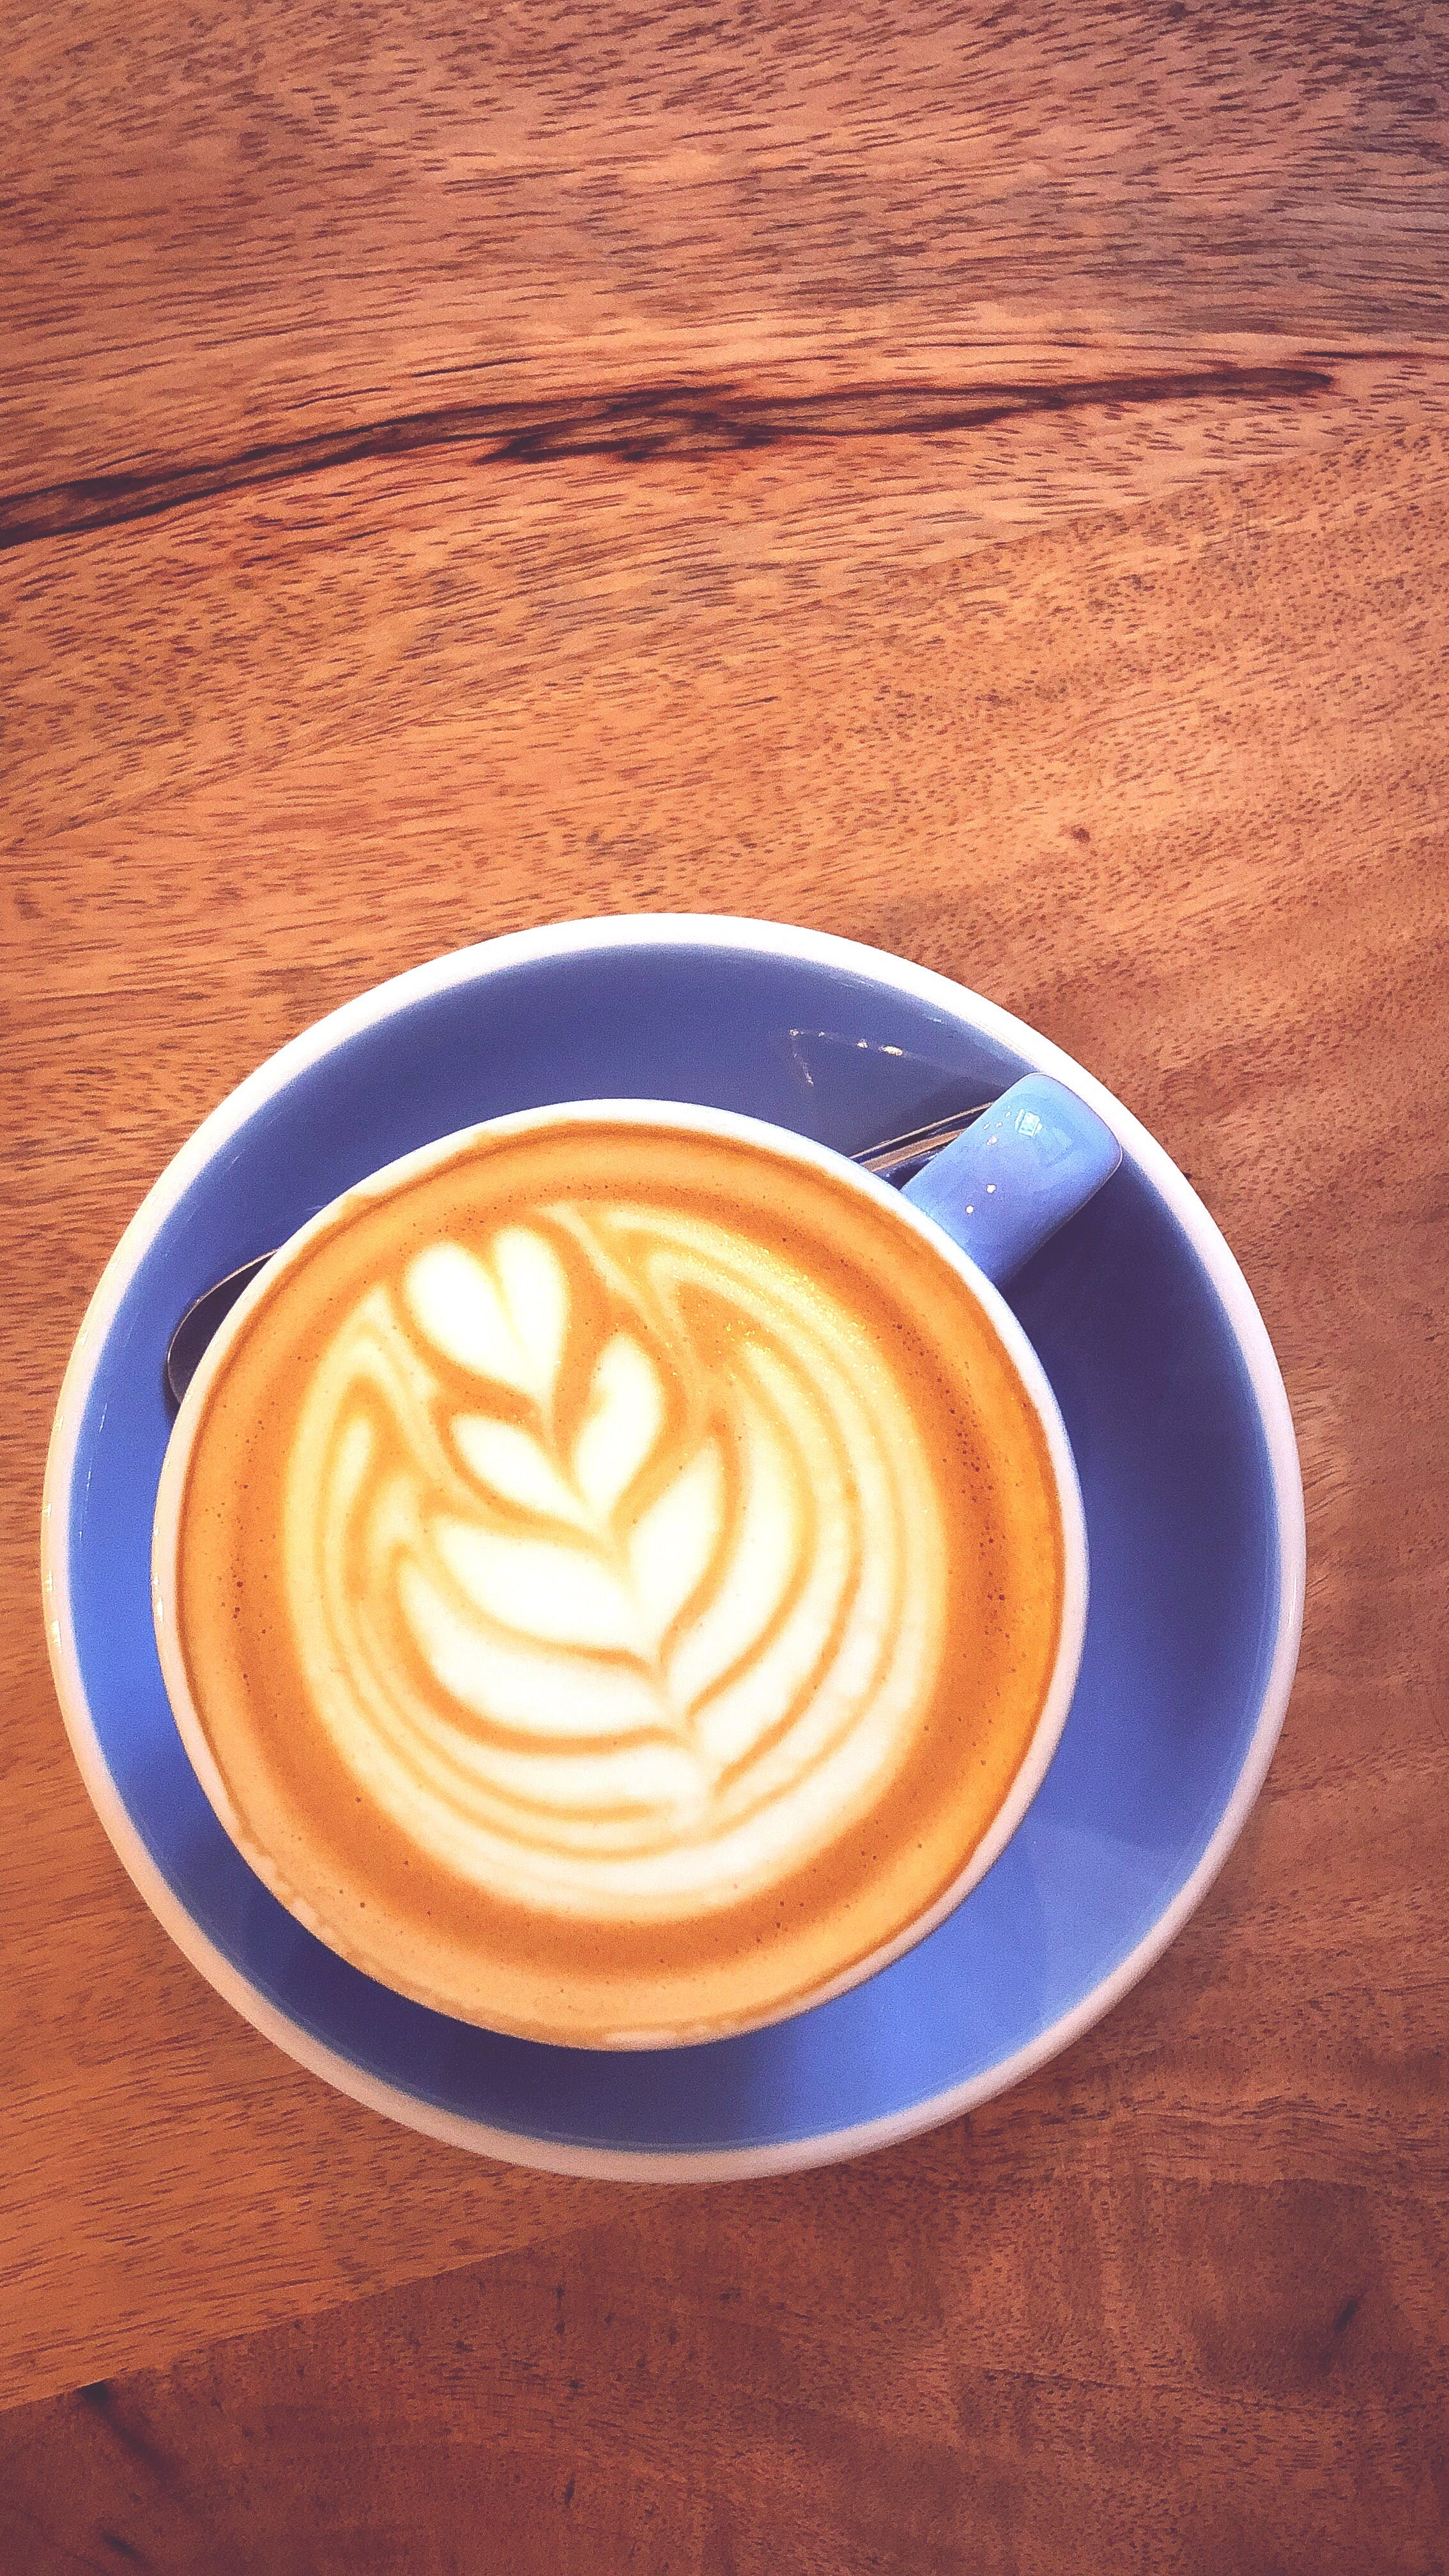 Безкоштовне стокове фото на тему «Кава, кавовий напій, напій, чашка кави»